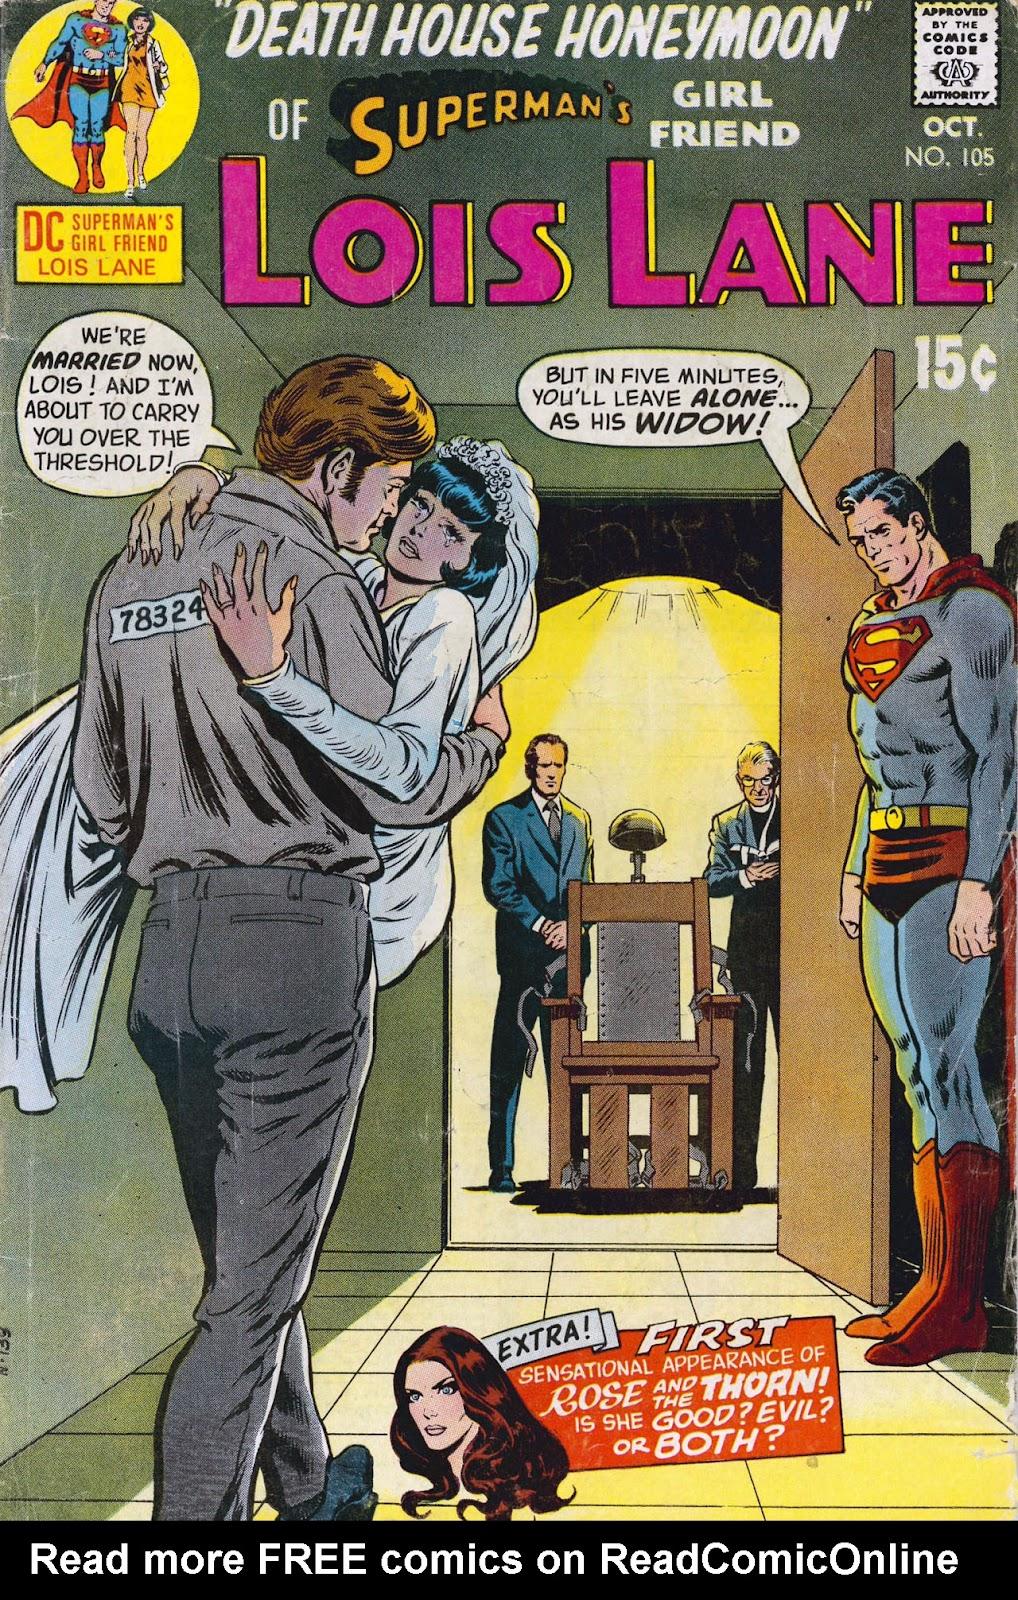 Supermans Girl Friend, Lois Lane 105 Page 1